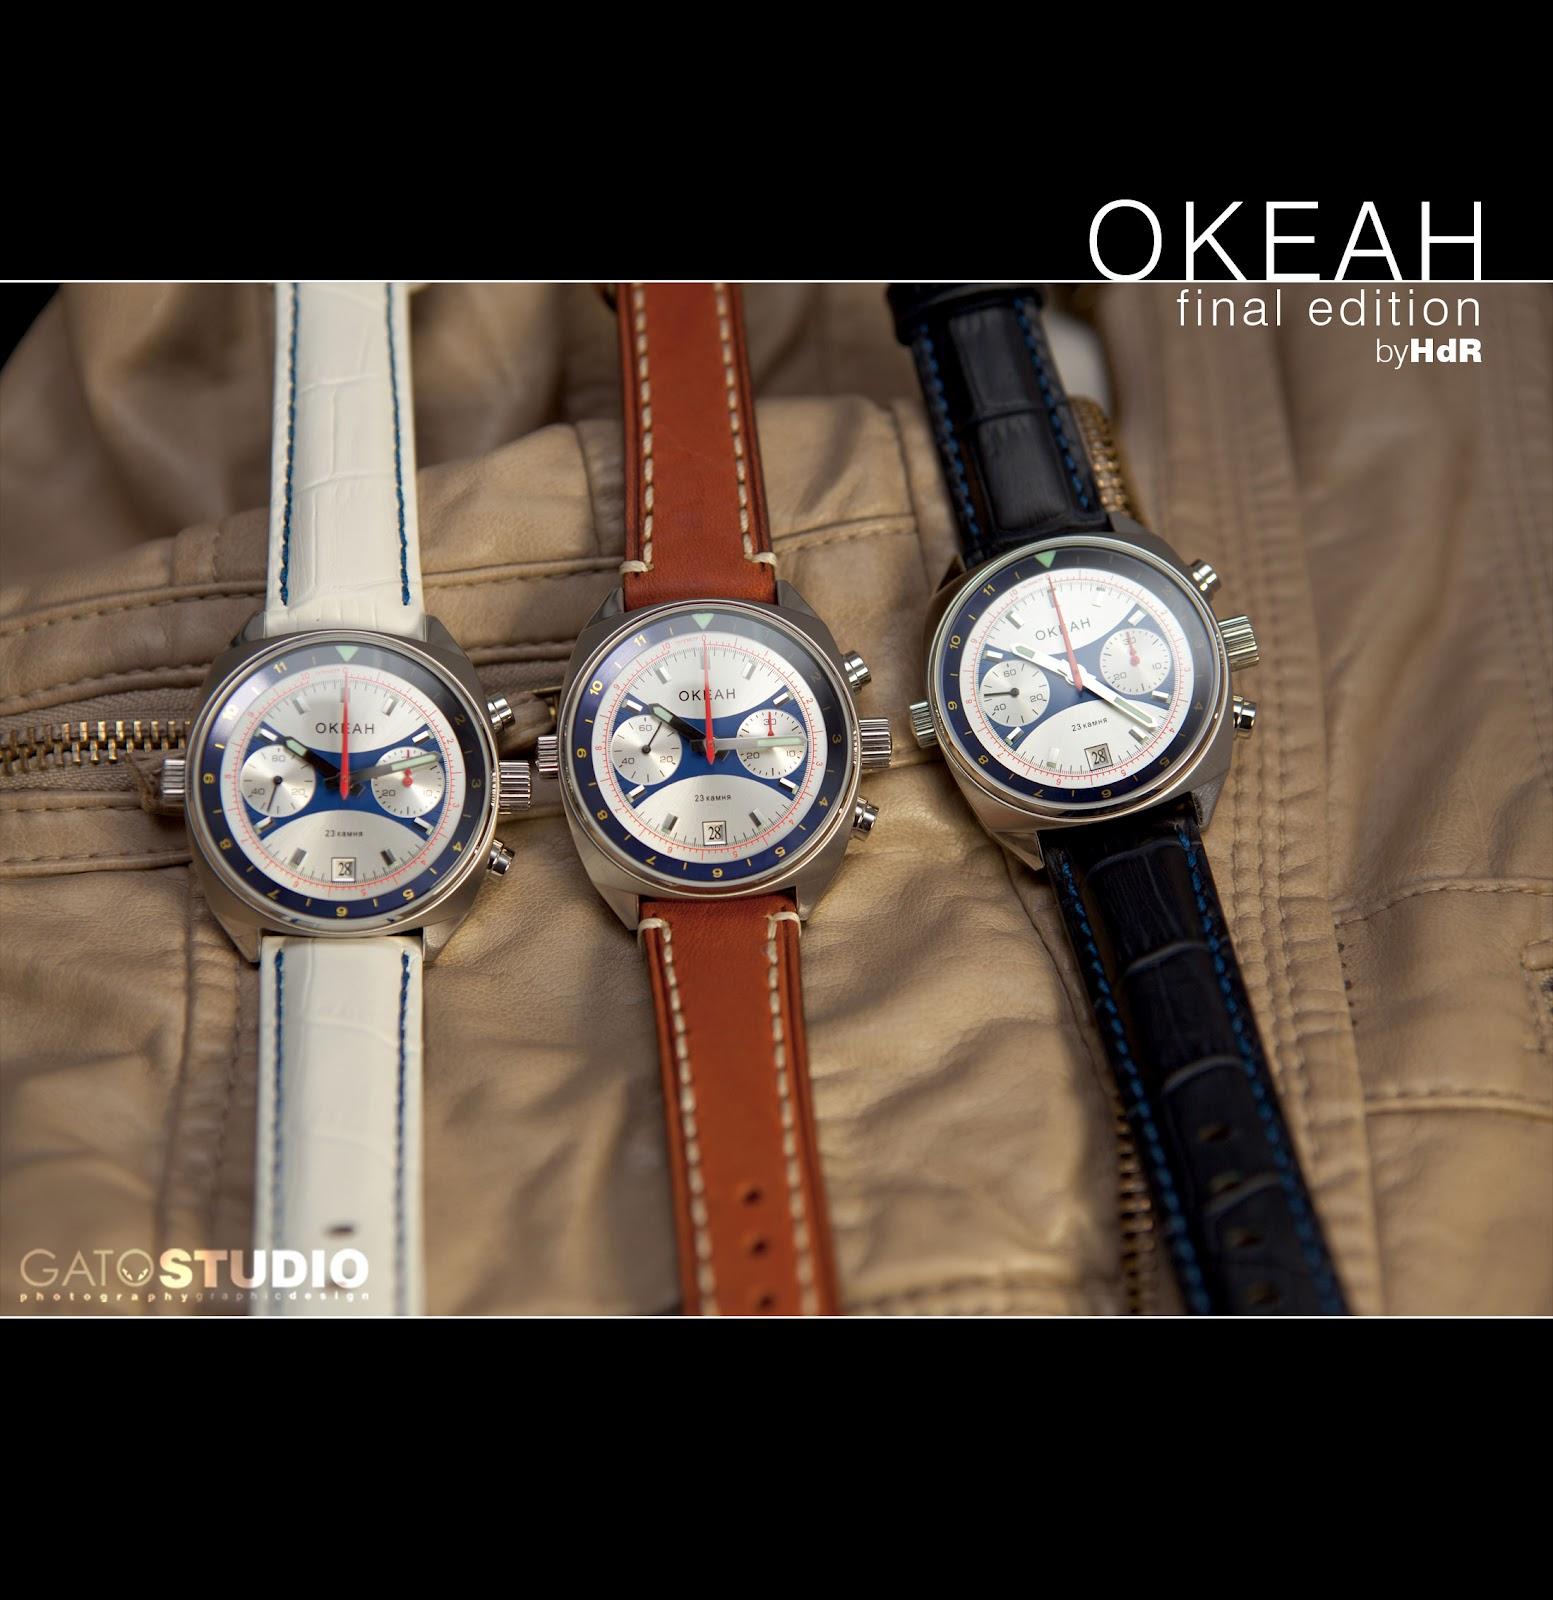 OKEAH: Dernière édition - Page 13 Okeah4